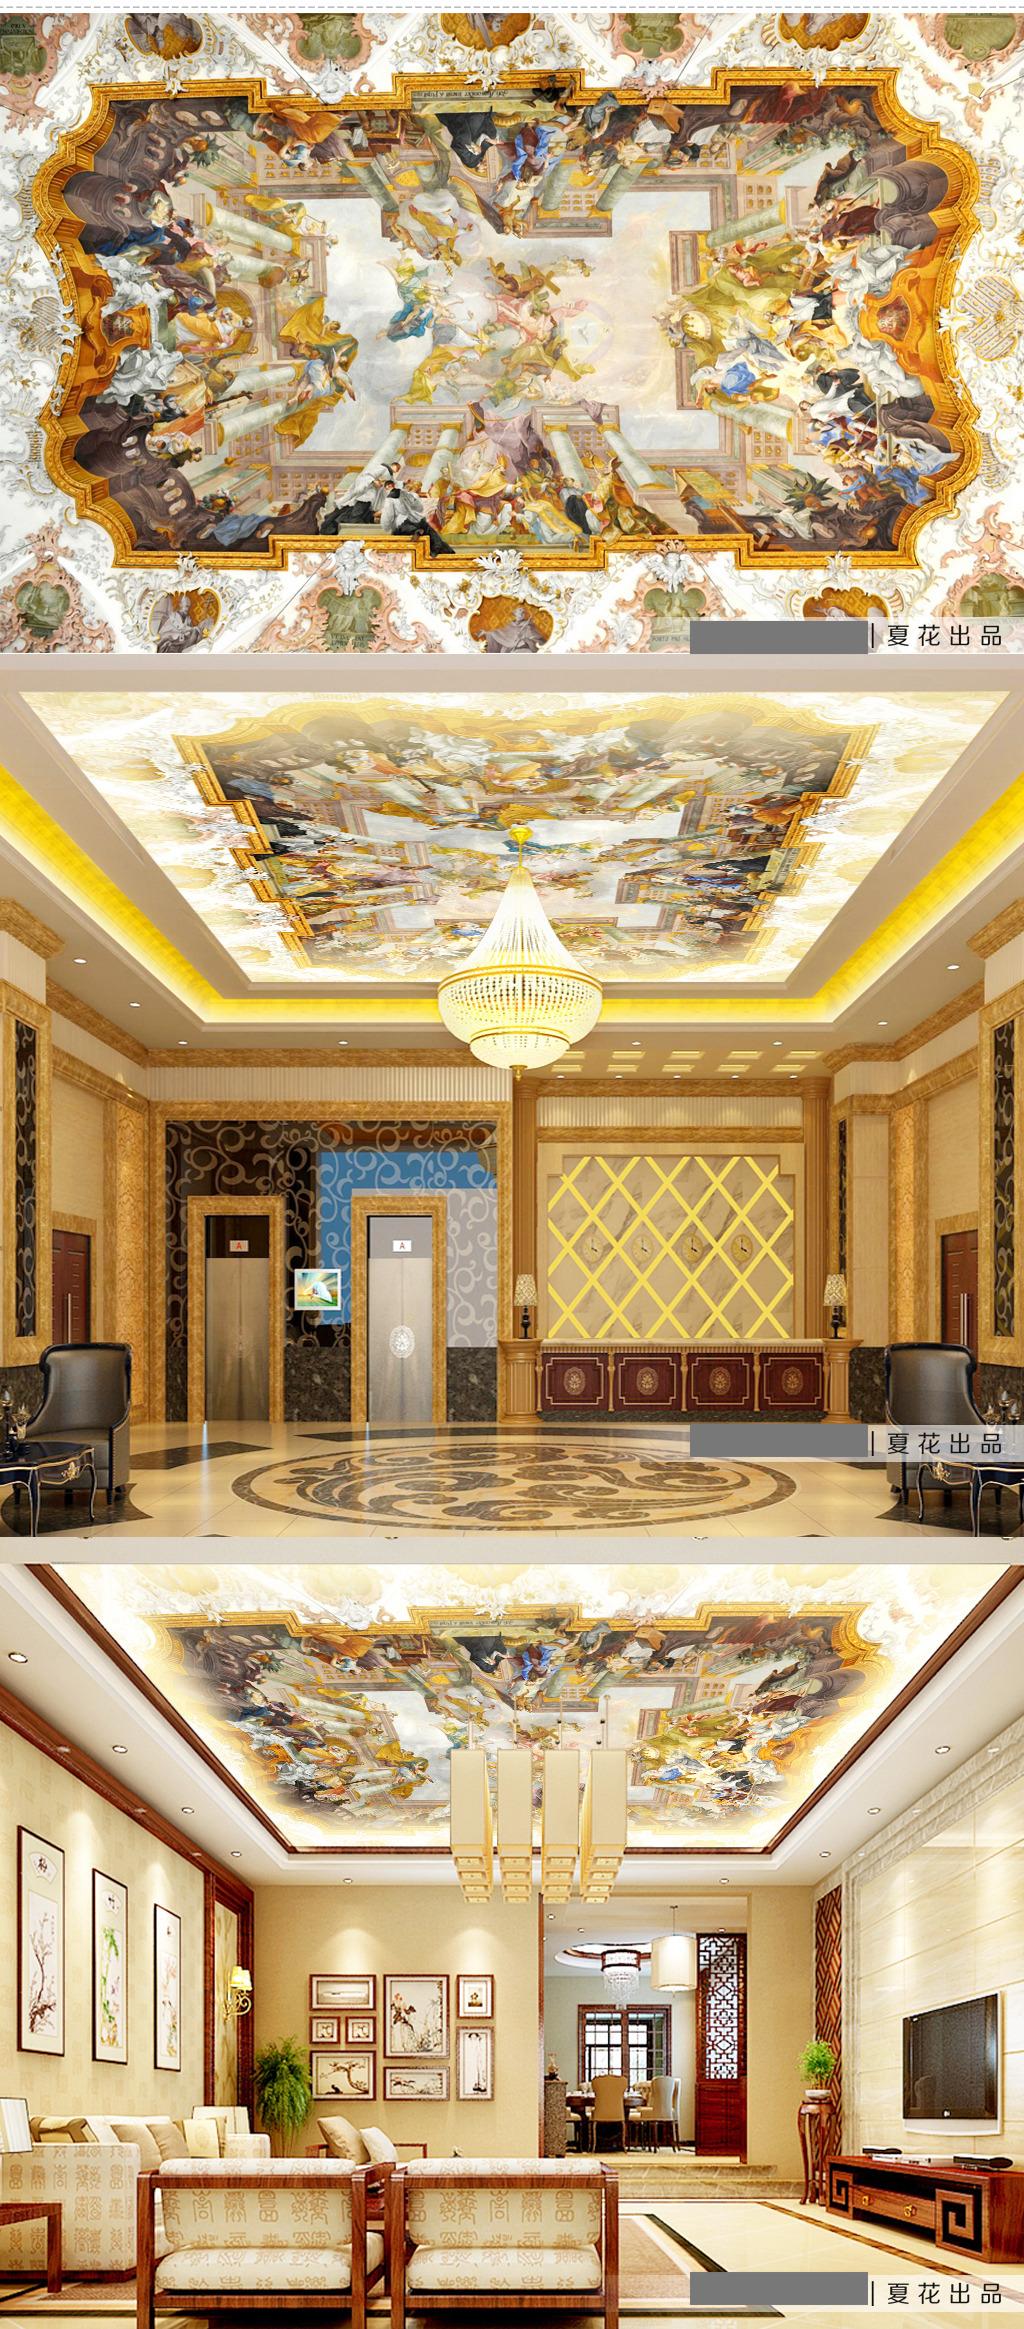 欧式豪华宫殿吊顶壁画